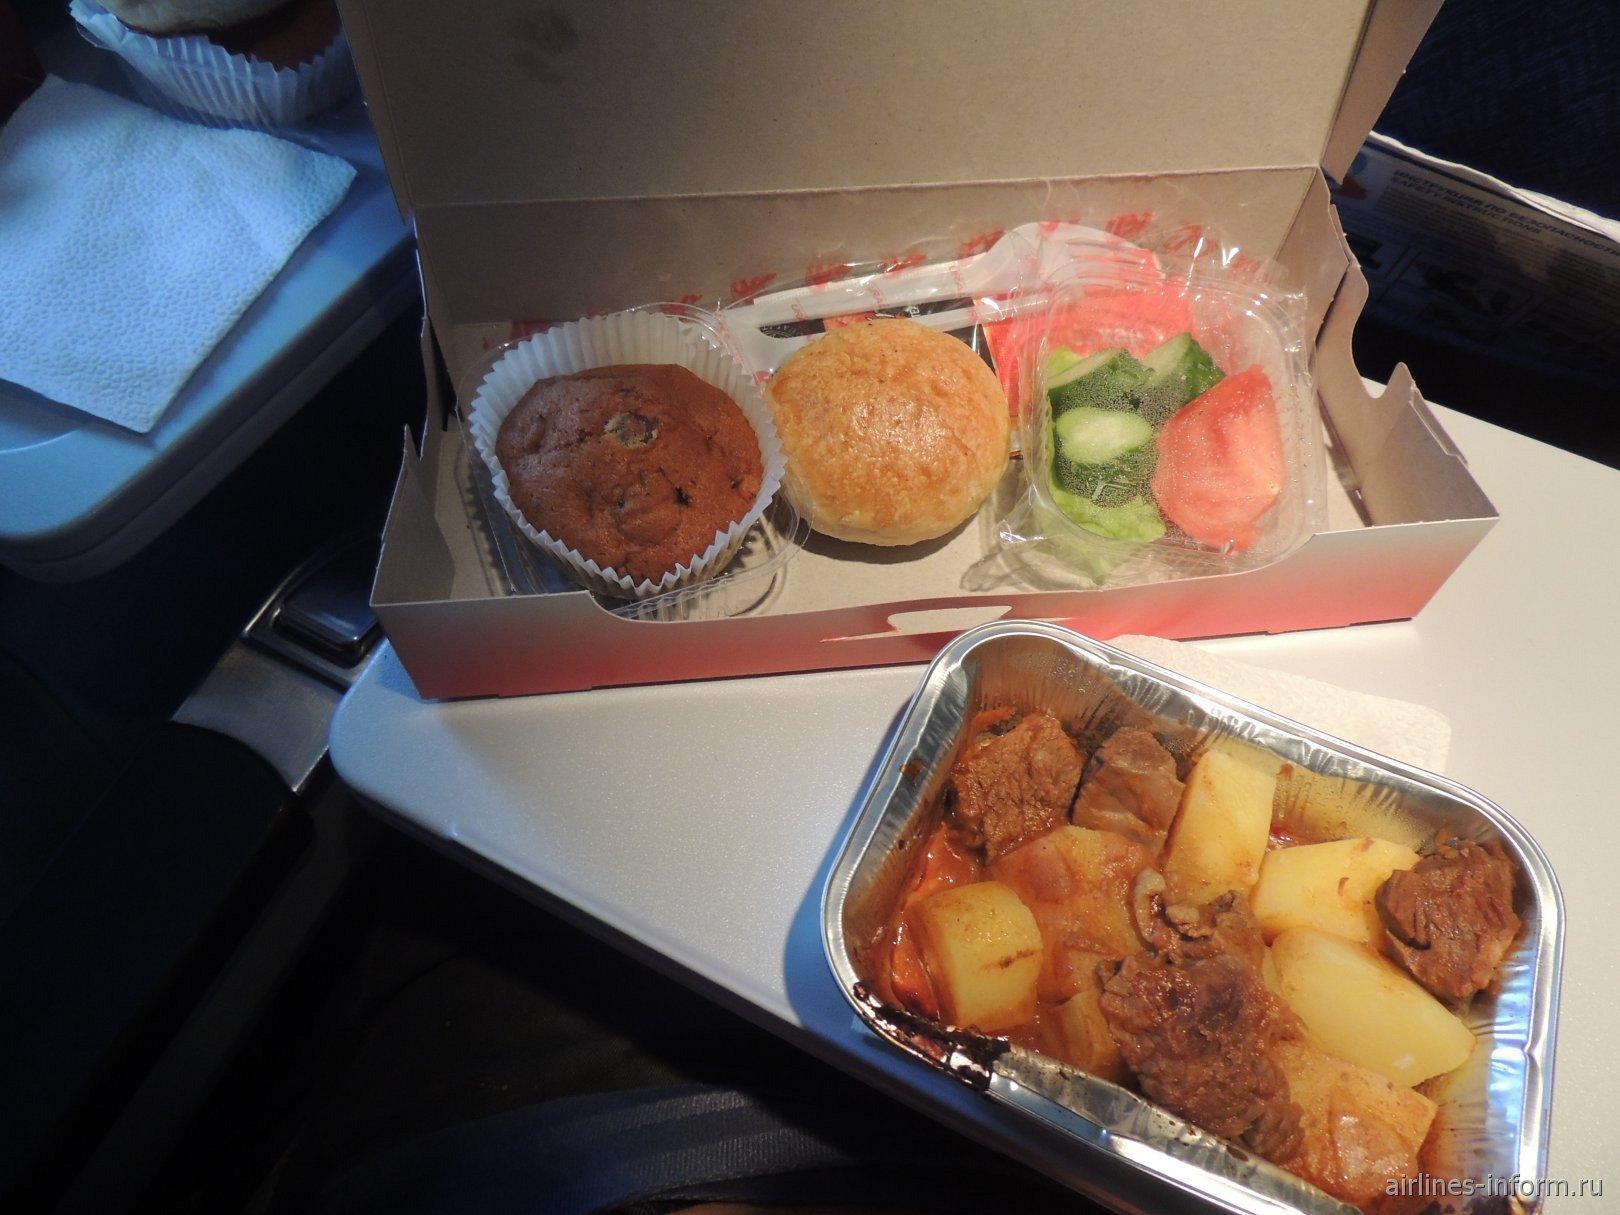 Бортовое питание на рейсе Барнаул-Москва Уральских авиалиний